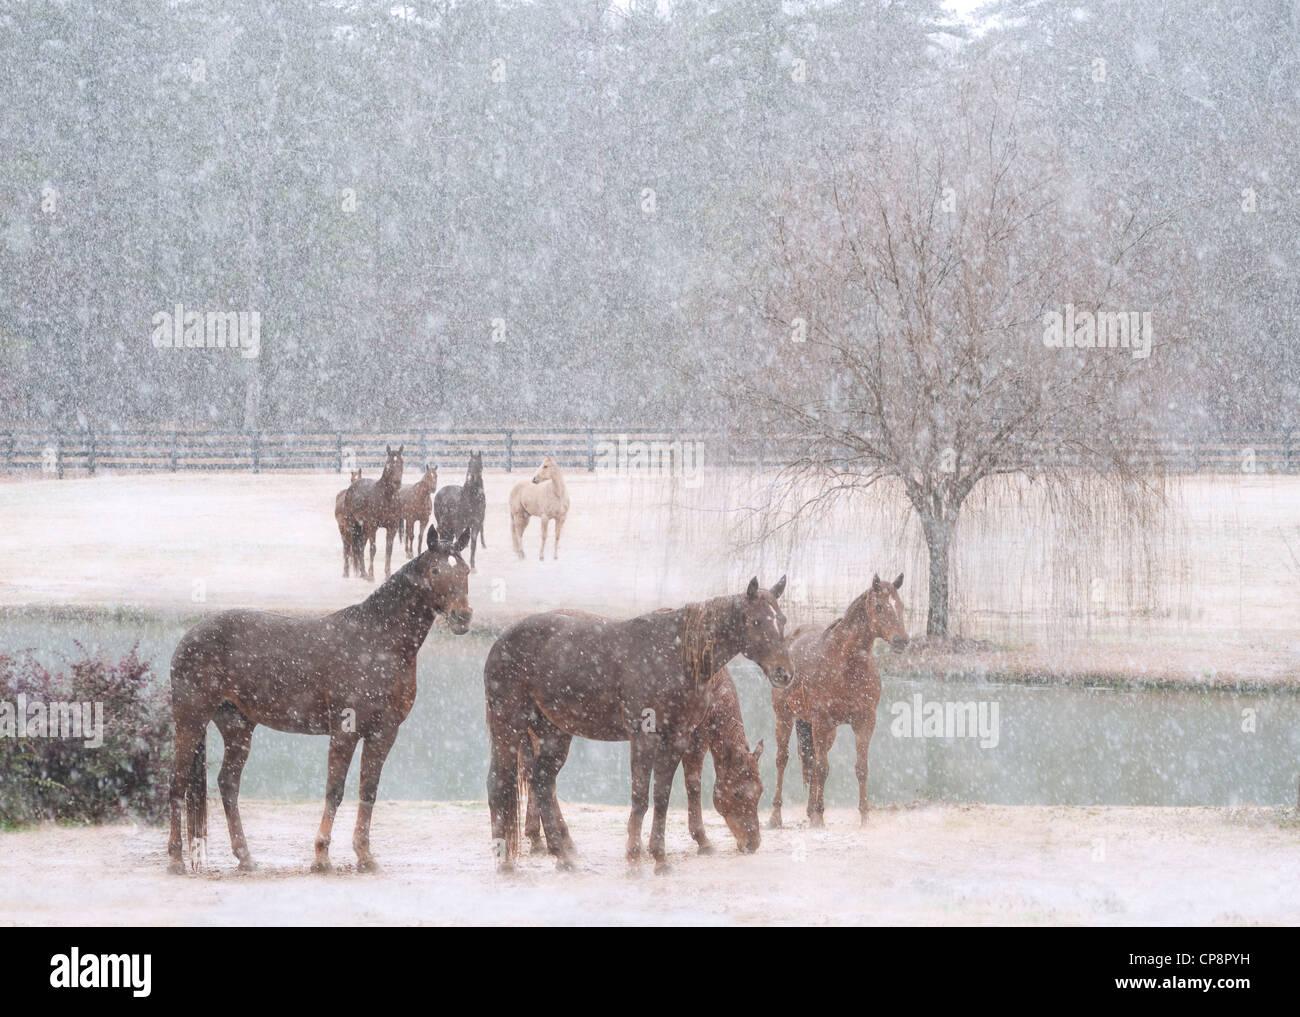 Herd of mares in snowstorm - Stock Image